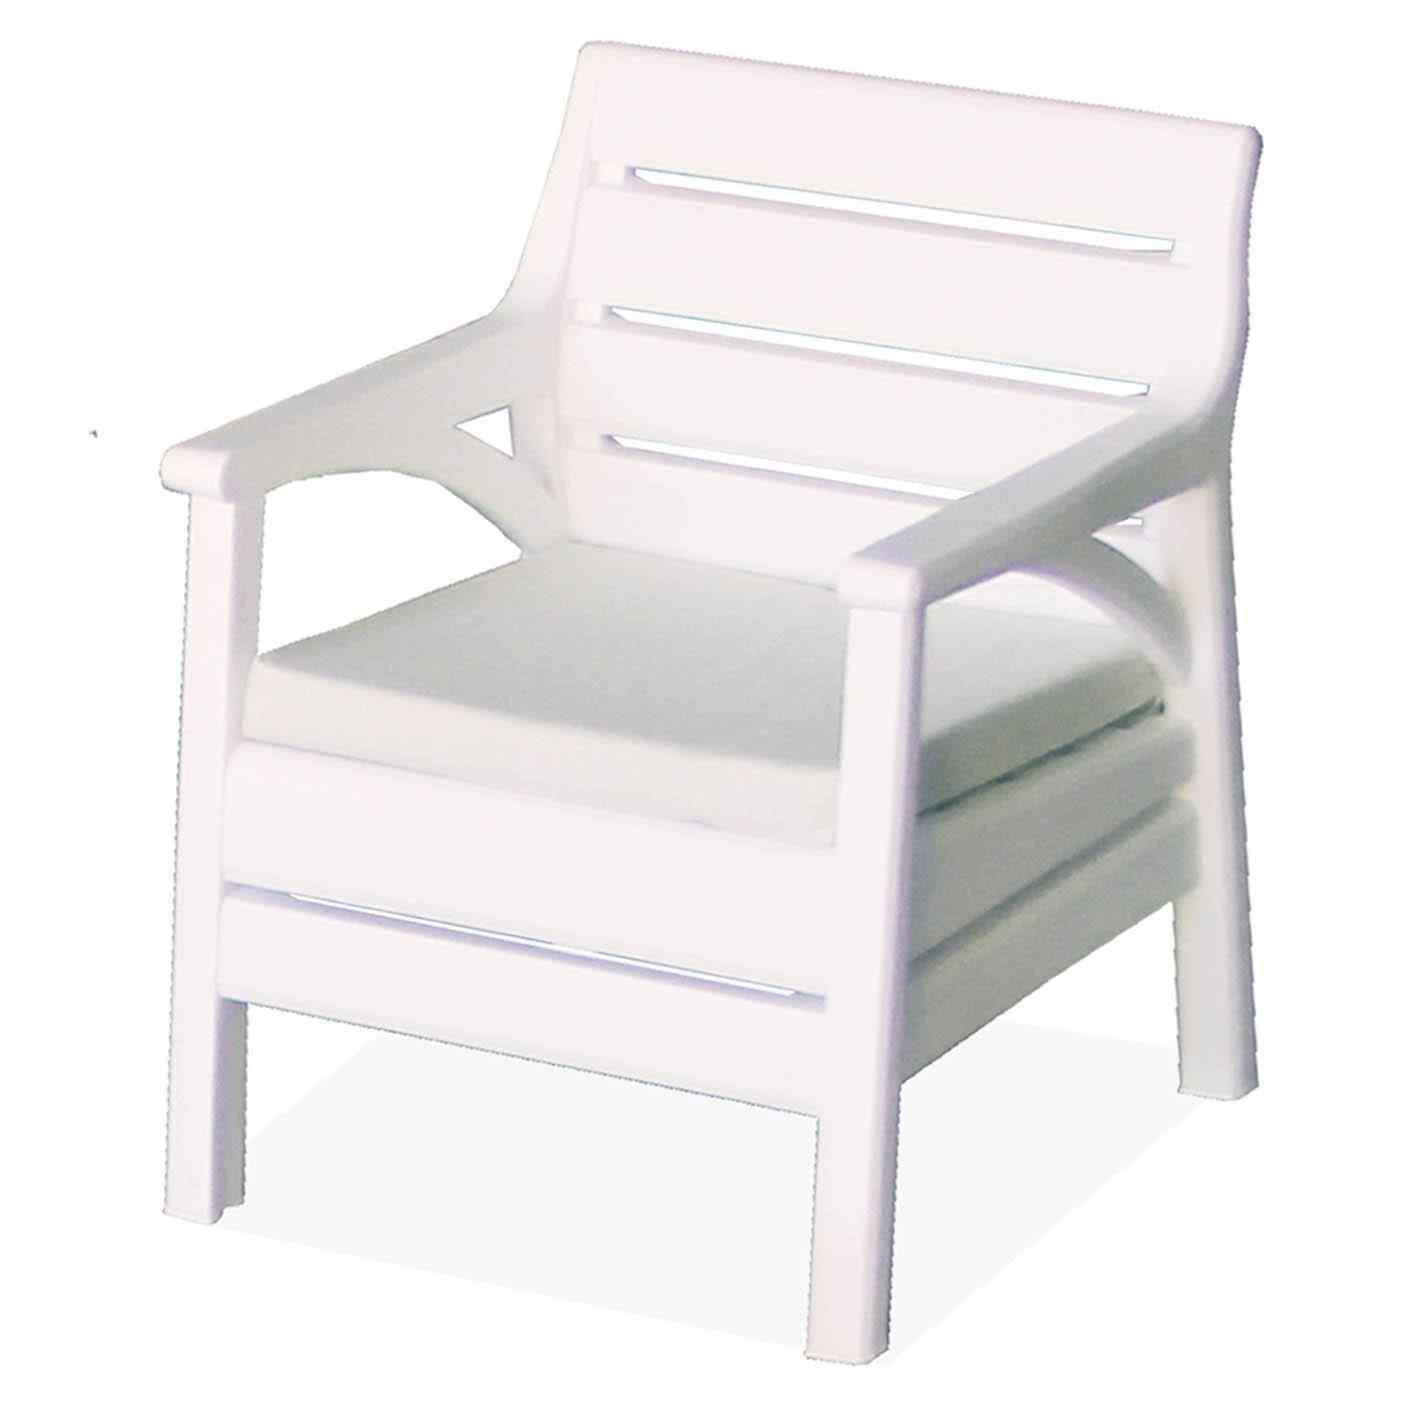 Holiday Madrid Bahçe Mobilyası Oturma Grubu Balkon Koltuk Takımı Beyaz